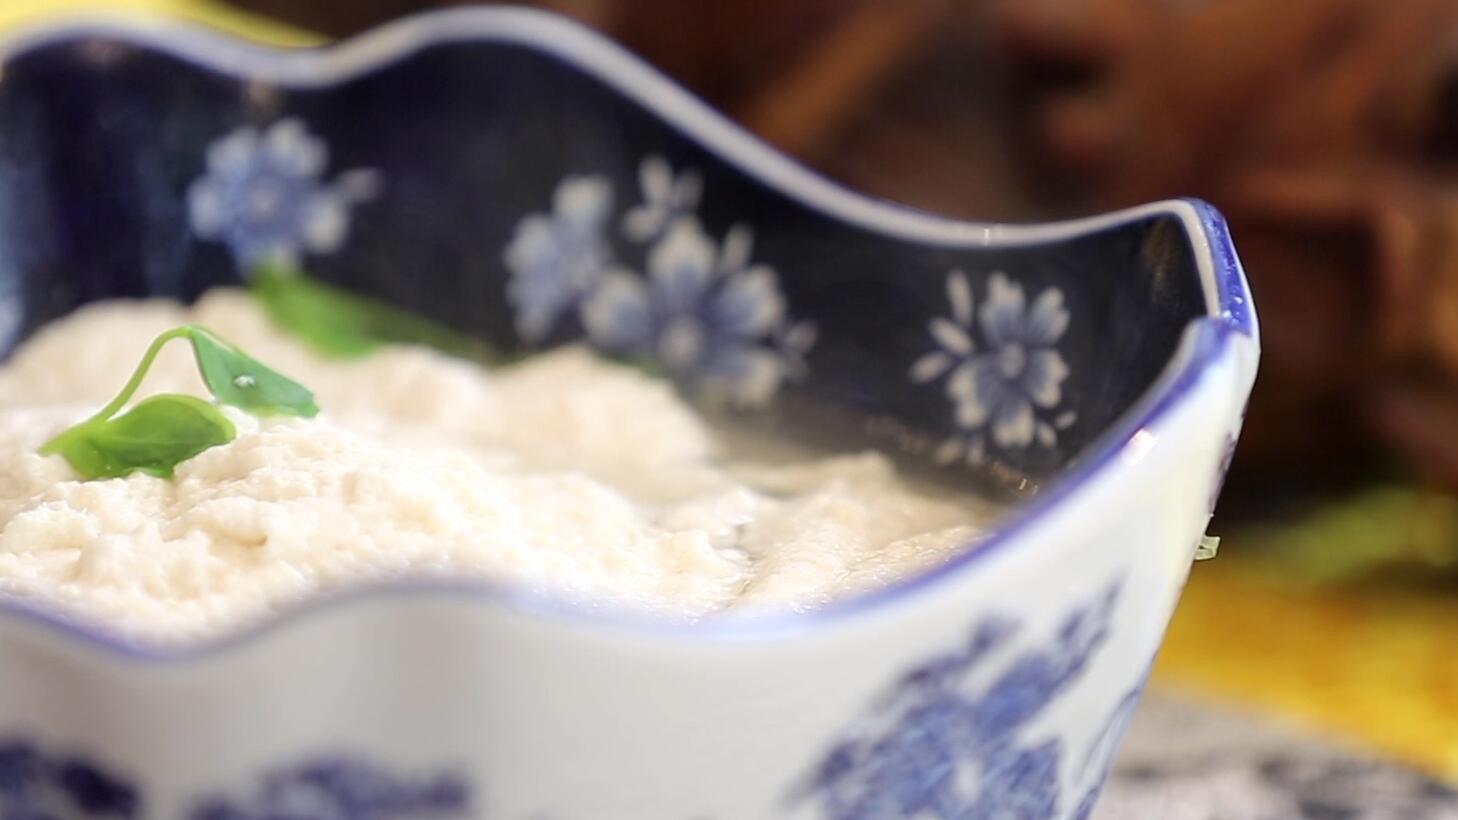 国宴级年夜菜鸡豆花:吃鸡不见鸡,胜似鸡!